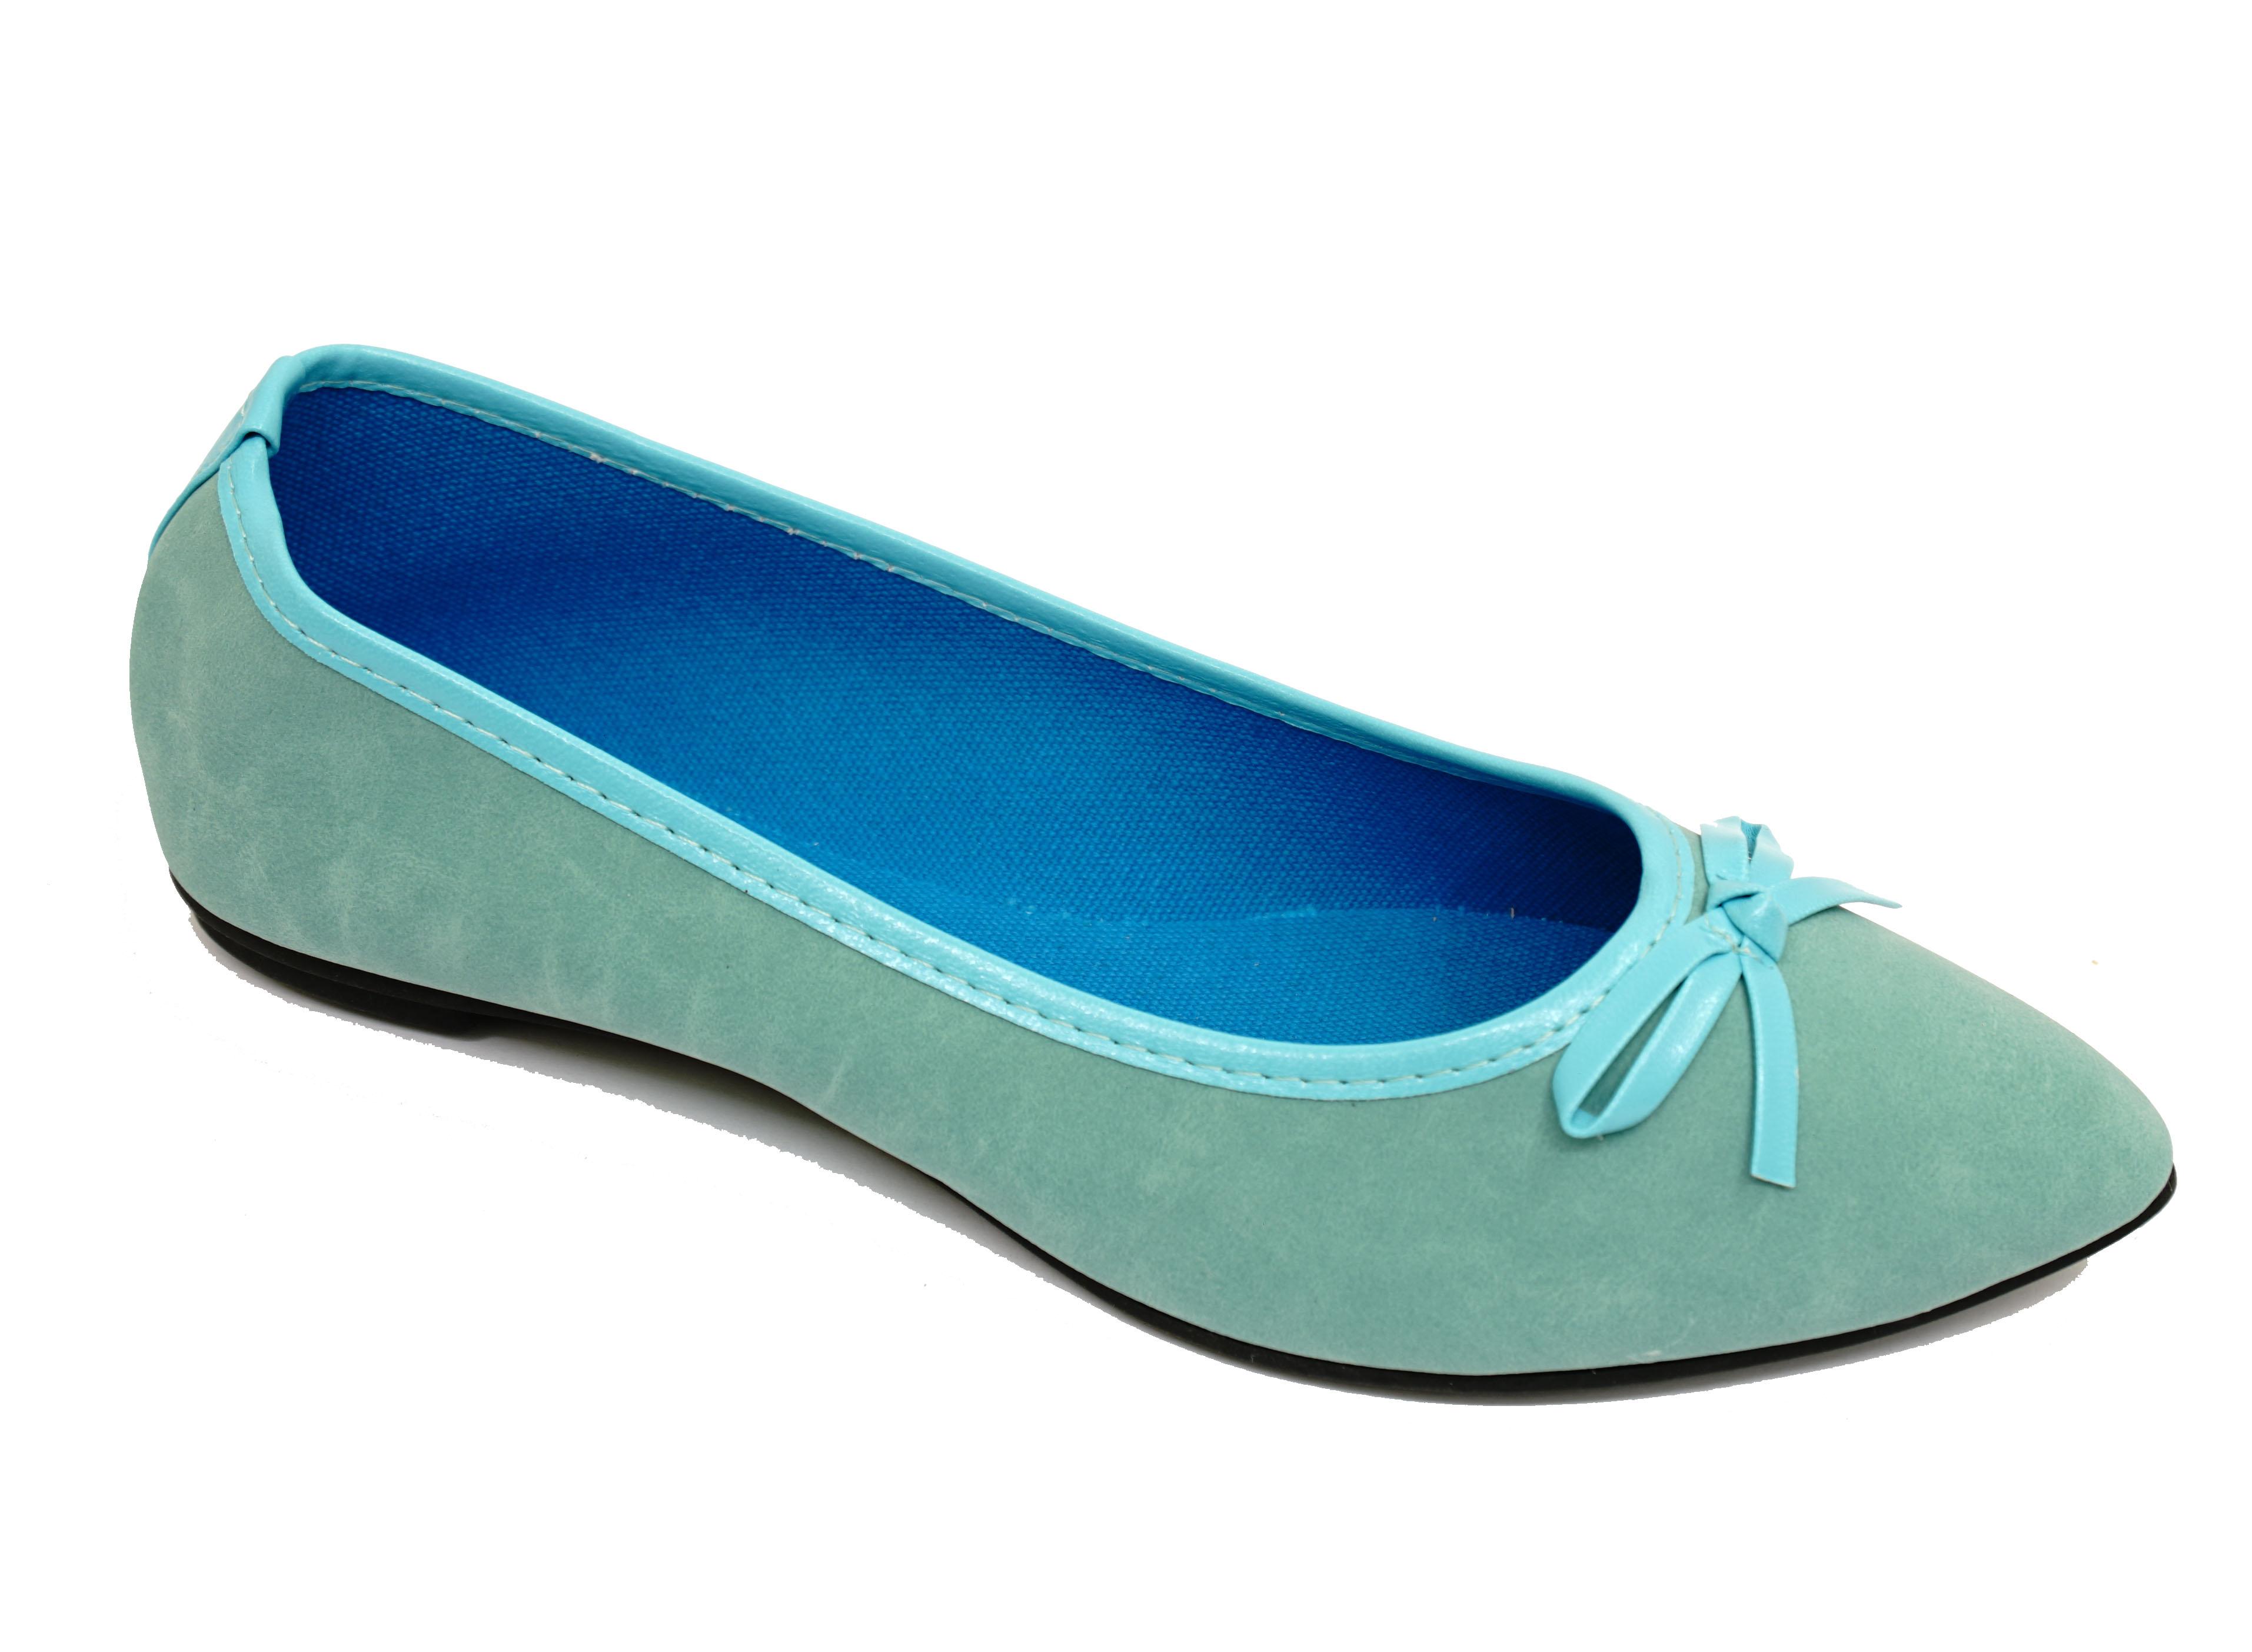 Mujer Plano Azul Sin Cordones Zapatos Muñequita Cómodo Ballet Bailarina